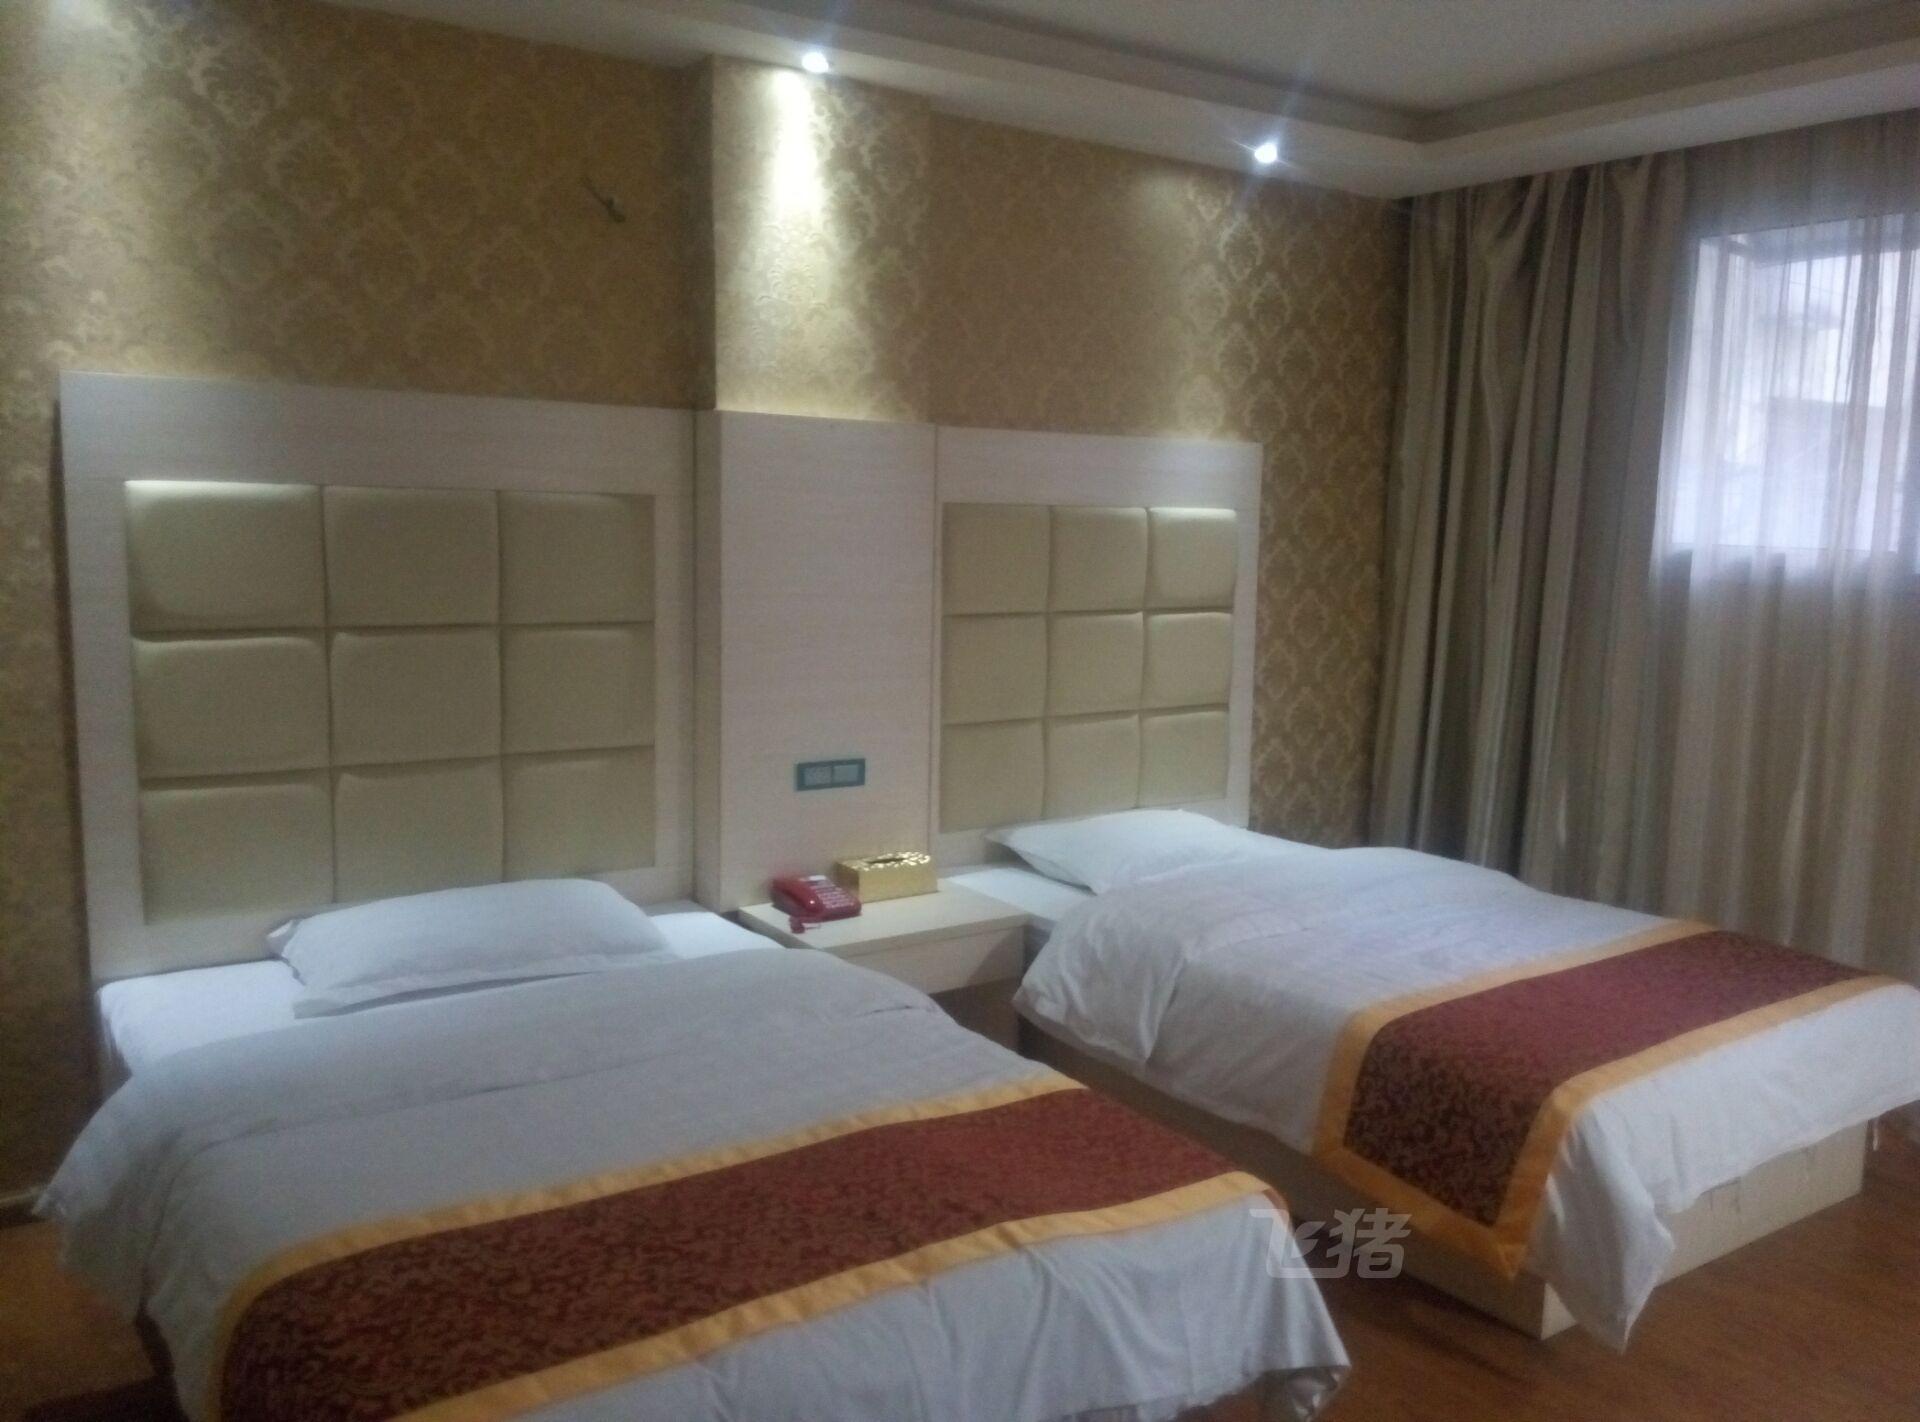 棕榈树 Spa 酒店Preferred City View Room 1 Kin